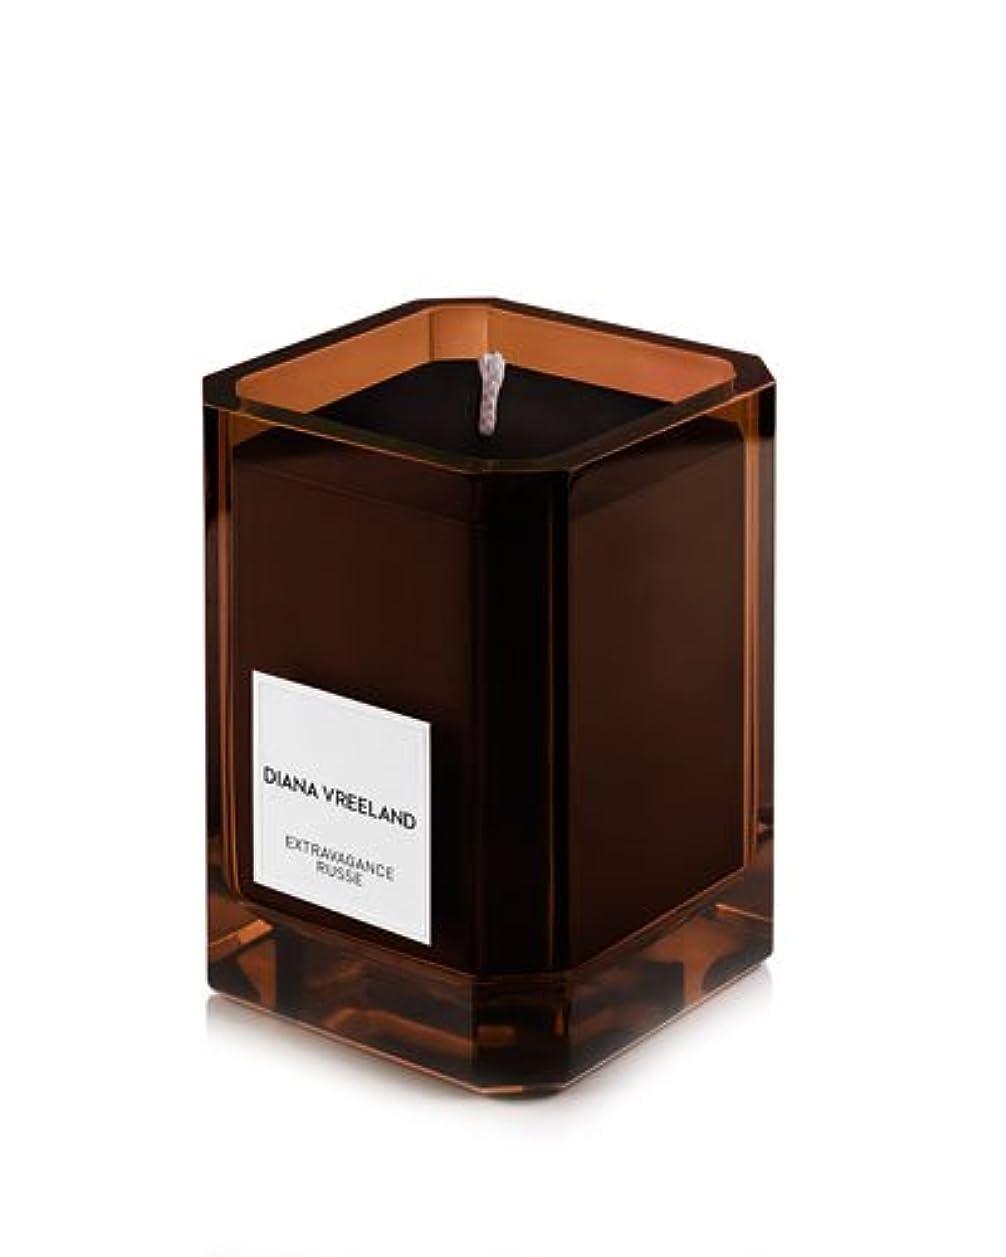 トレース留まる髄Diana Vreeland Extravagance Russe(ダイアナ ヴリーランド エクストラバガンス リュス) 9.7 oz (291ml) Candle (香りつきキャンドル)